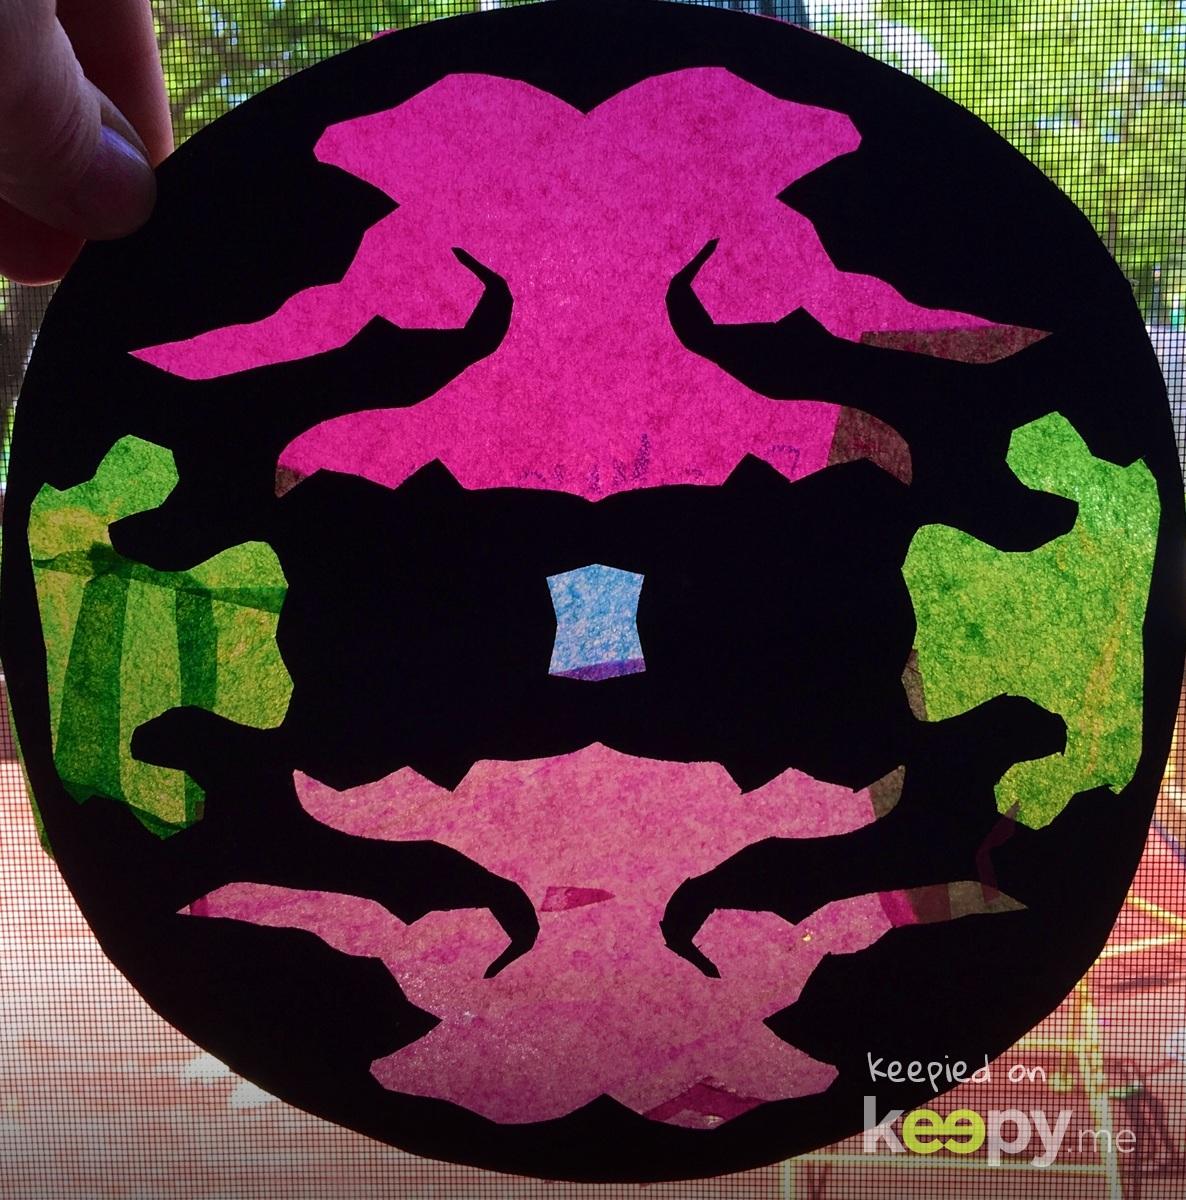 #Art class project #RoslynJ » Keepy.me